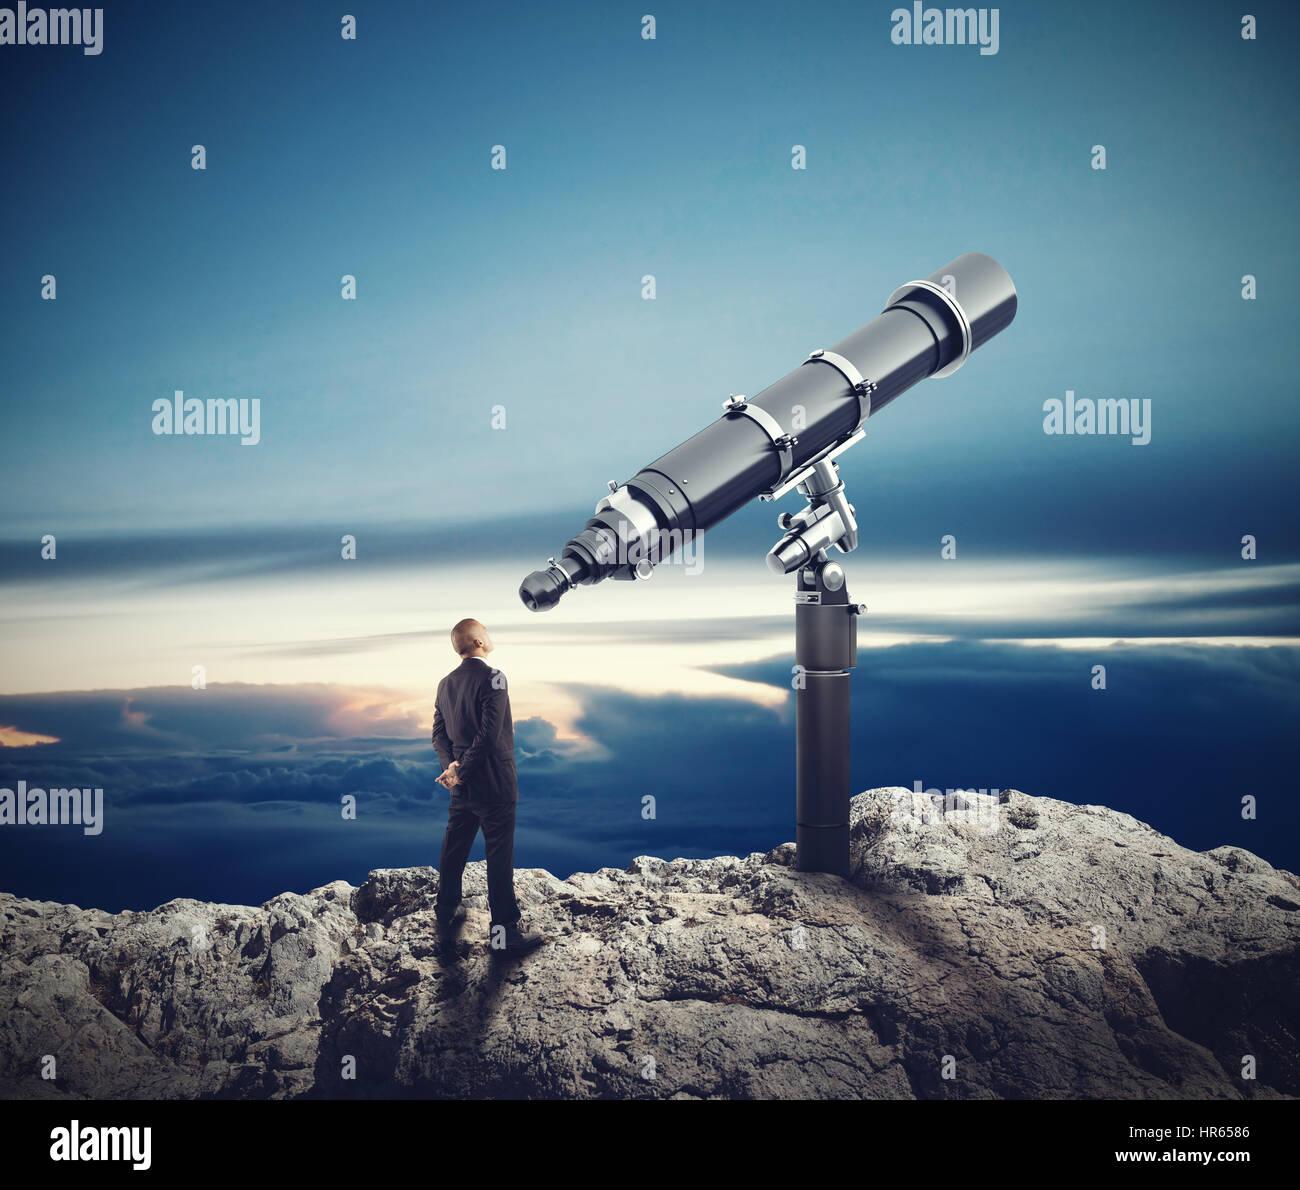 Mirando hacia el futuro. 3D Rendering Foto de stock